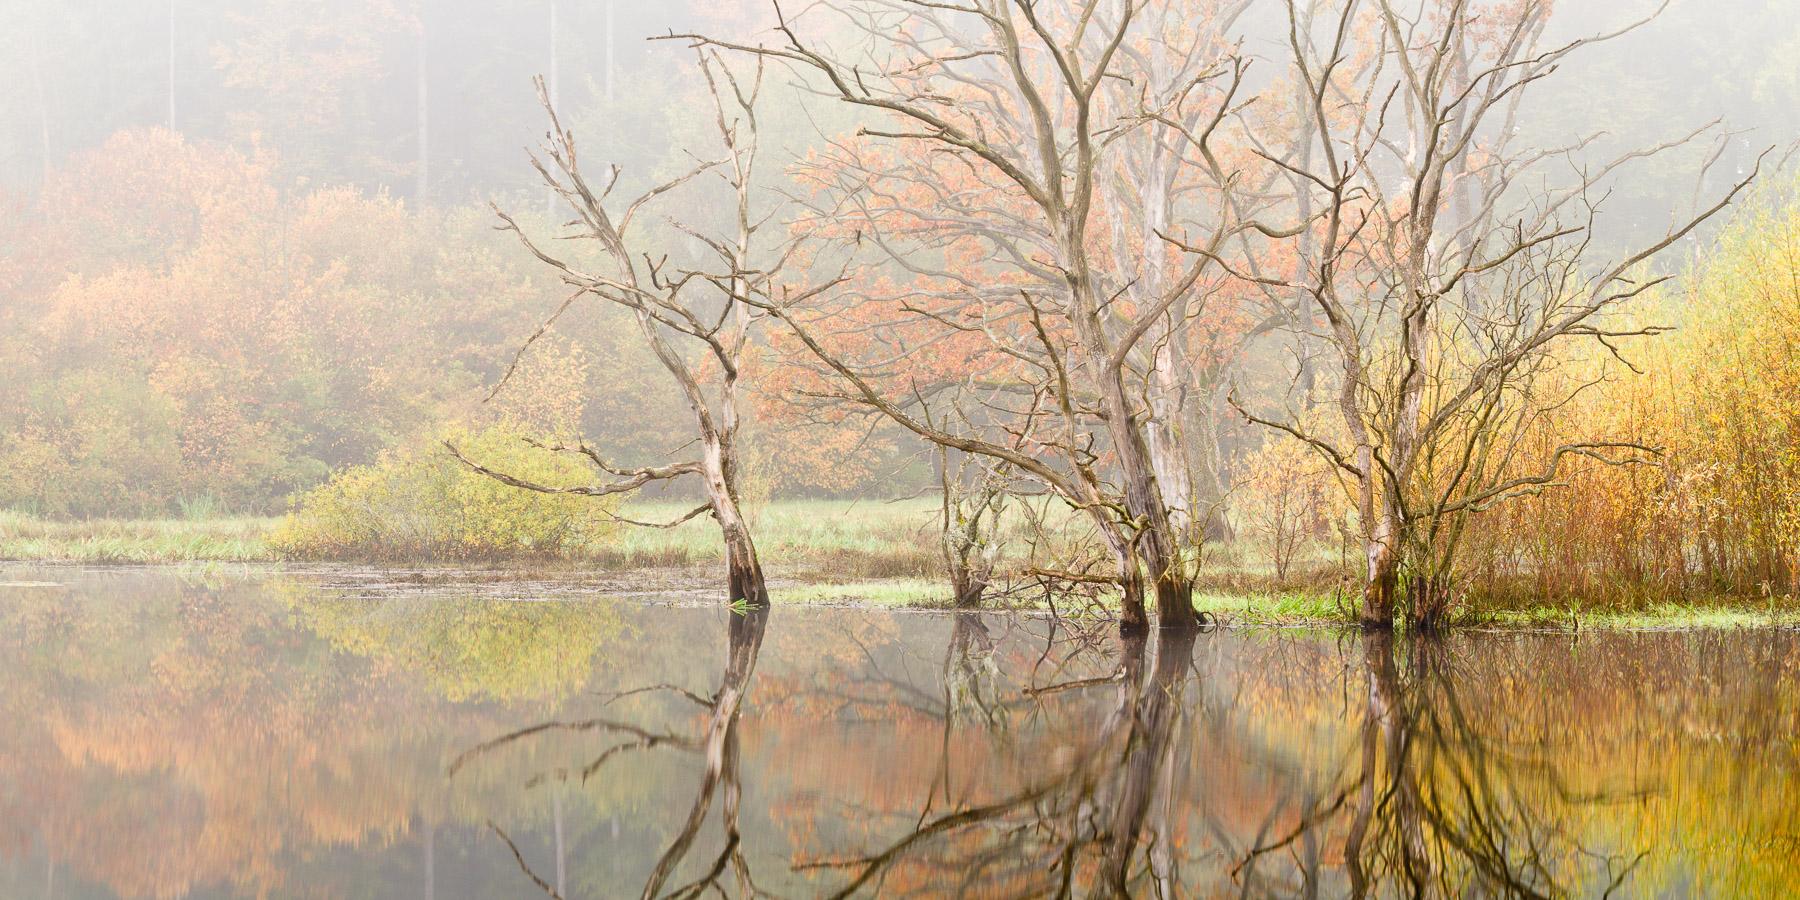 PrK_Autumn_101009_007_008_Pano_crop.jpg